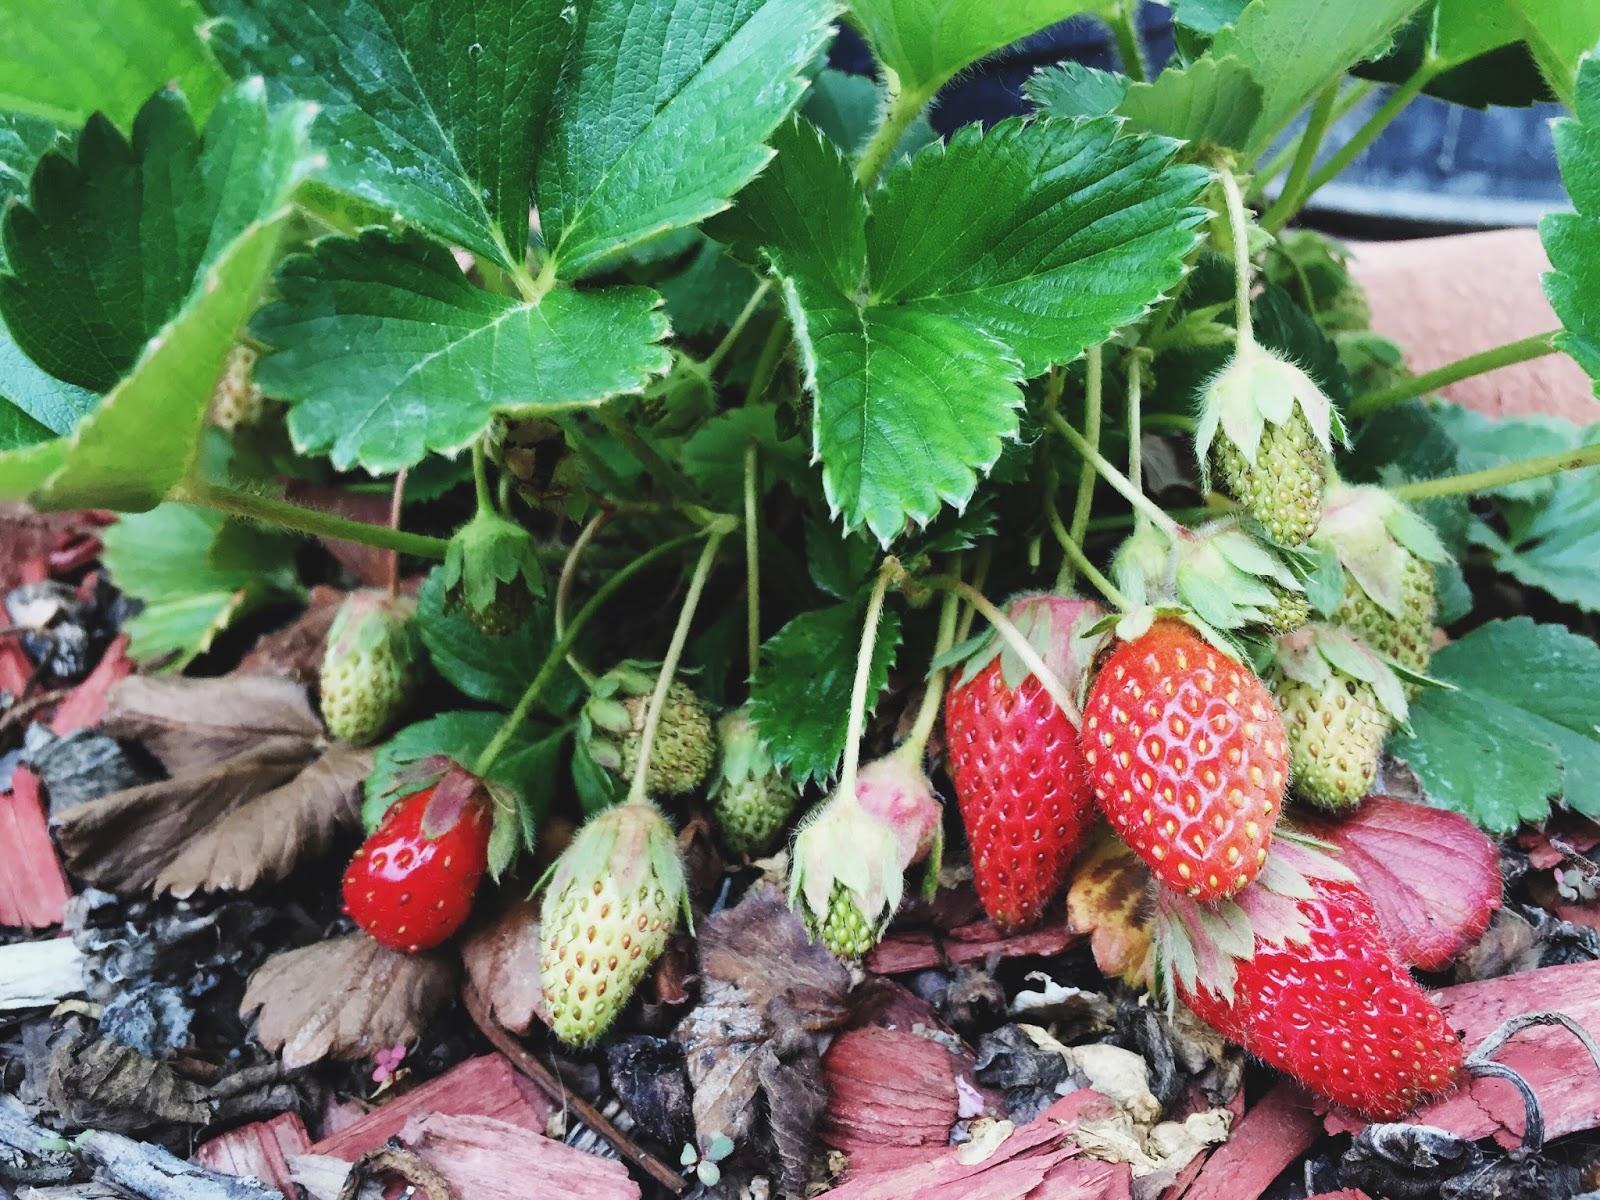 Strawberries // www.thejoyblog.net